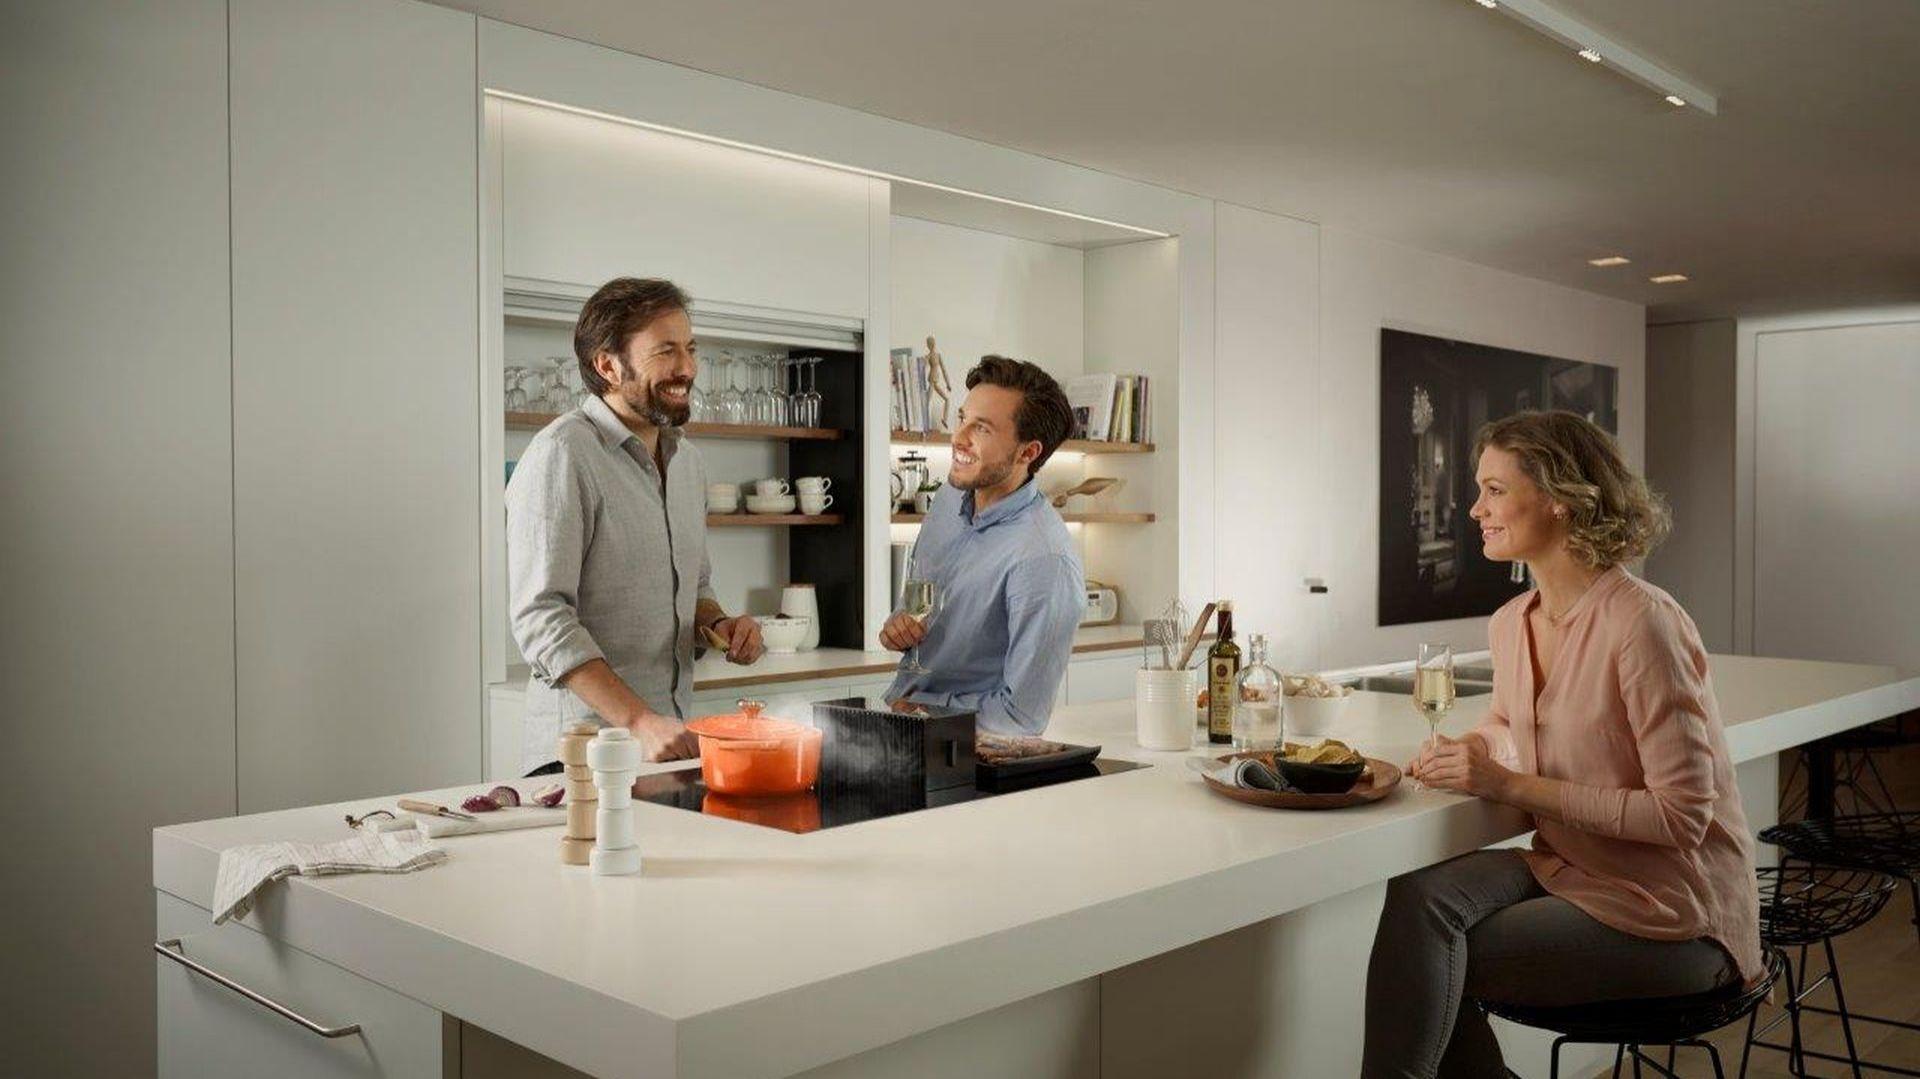 Dzięki nowoczesnym rozwiązaniom, wszystkie niezbędne sprzęty z łatwością ukryją się natychmiast po przygotowaniu posiłku w kuchennej garderobie lub wielozadaniowej wyspie. Fot. Comitor